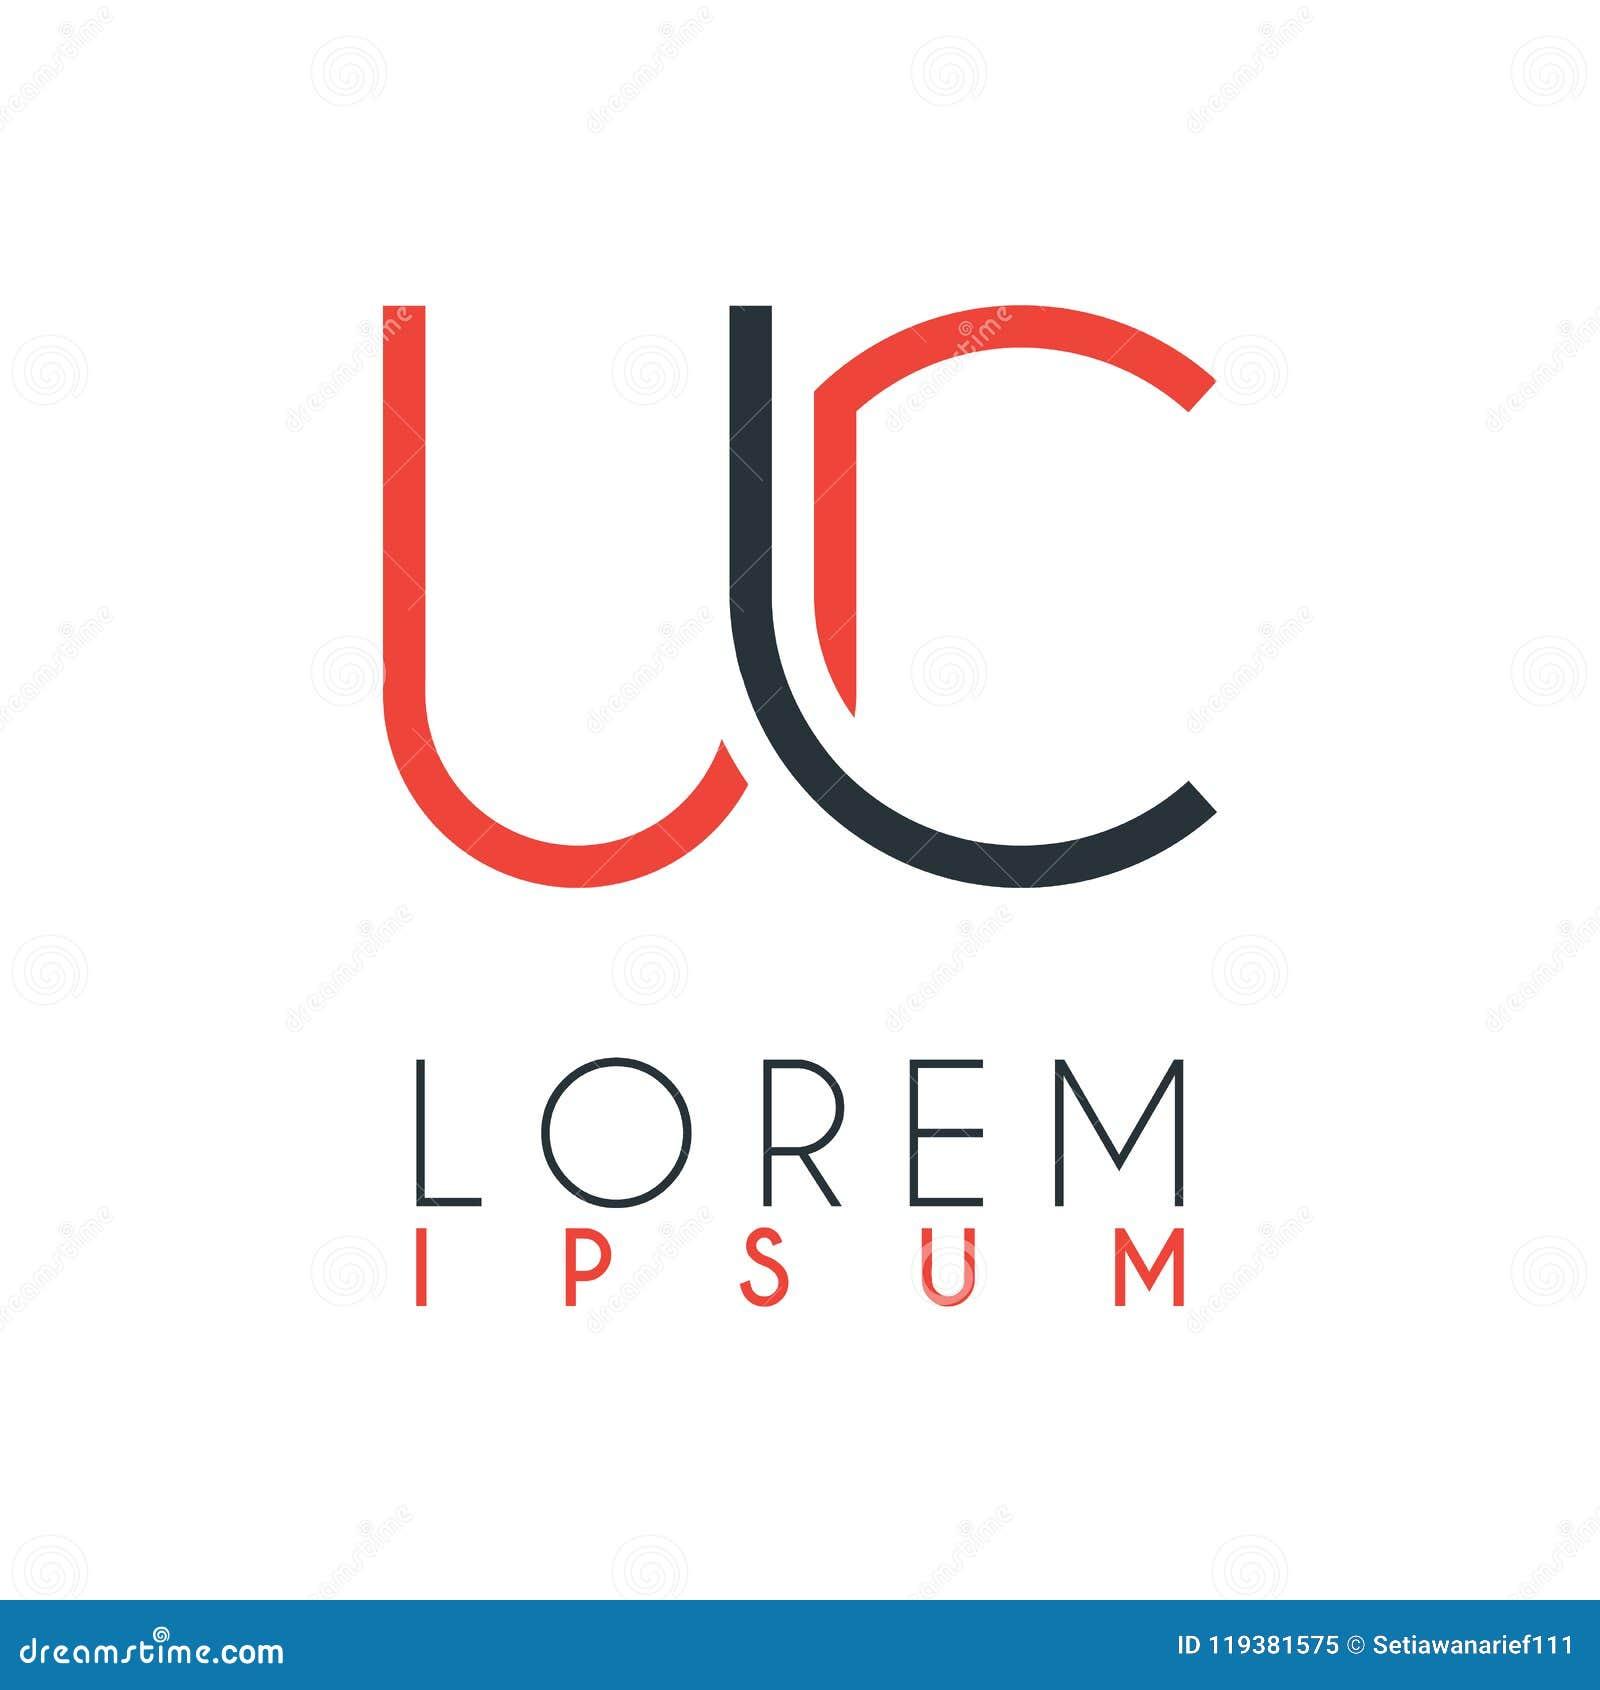 Il logo fra la lettera U e la lettera C o UC con una determinata distanza e collegato da colore arancio e grigio